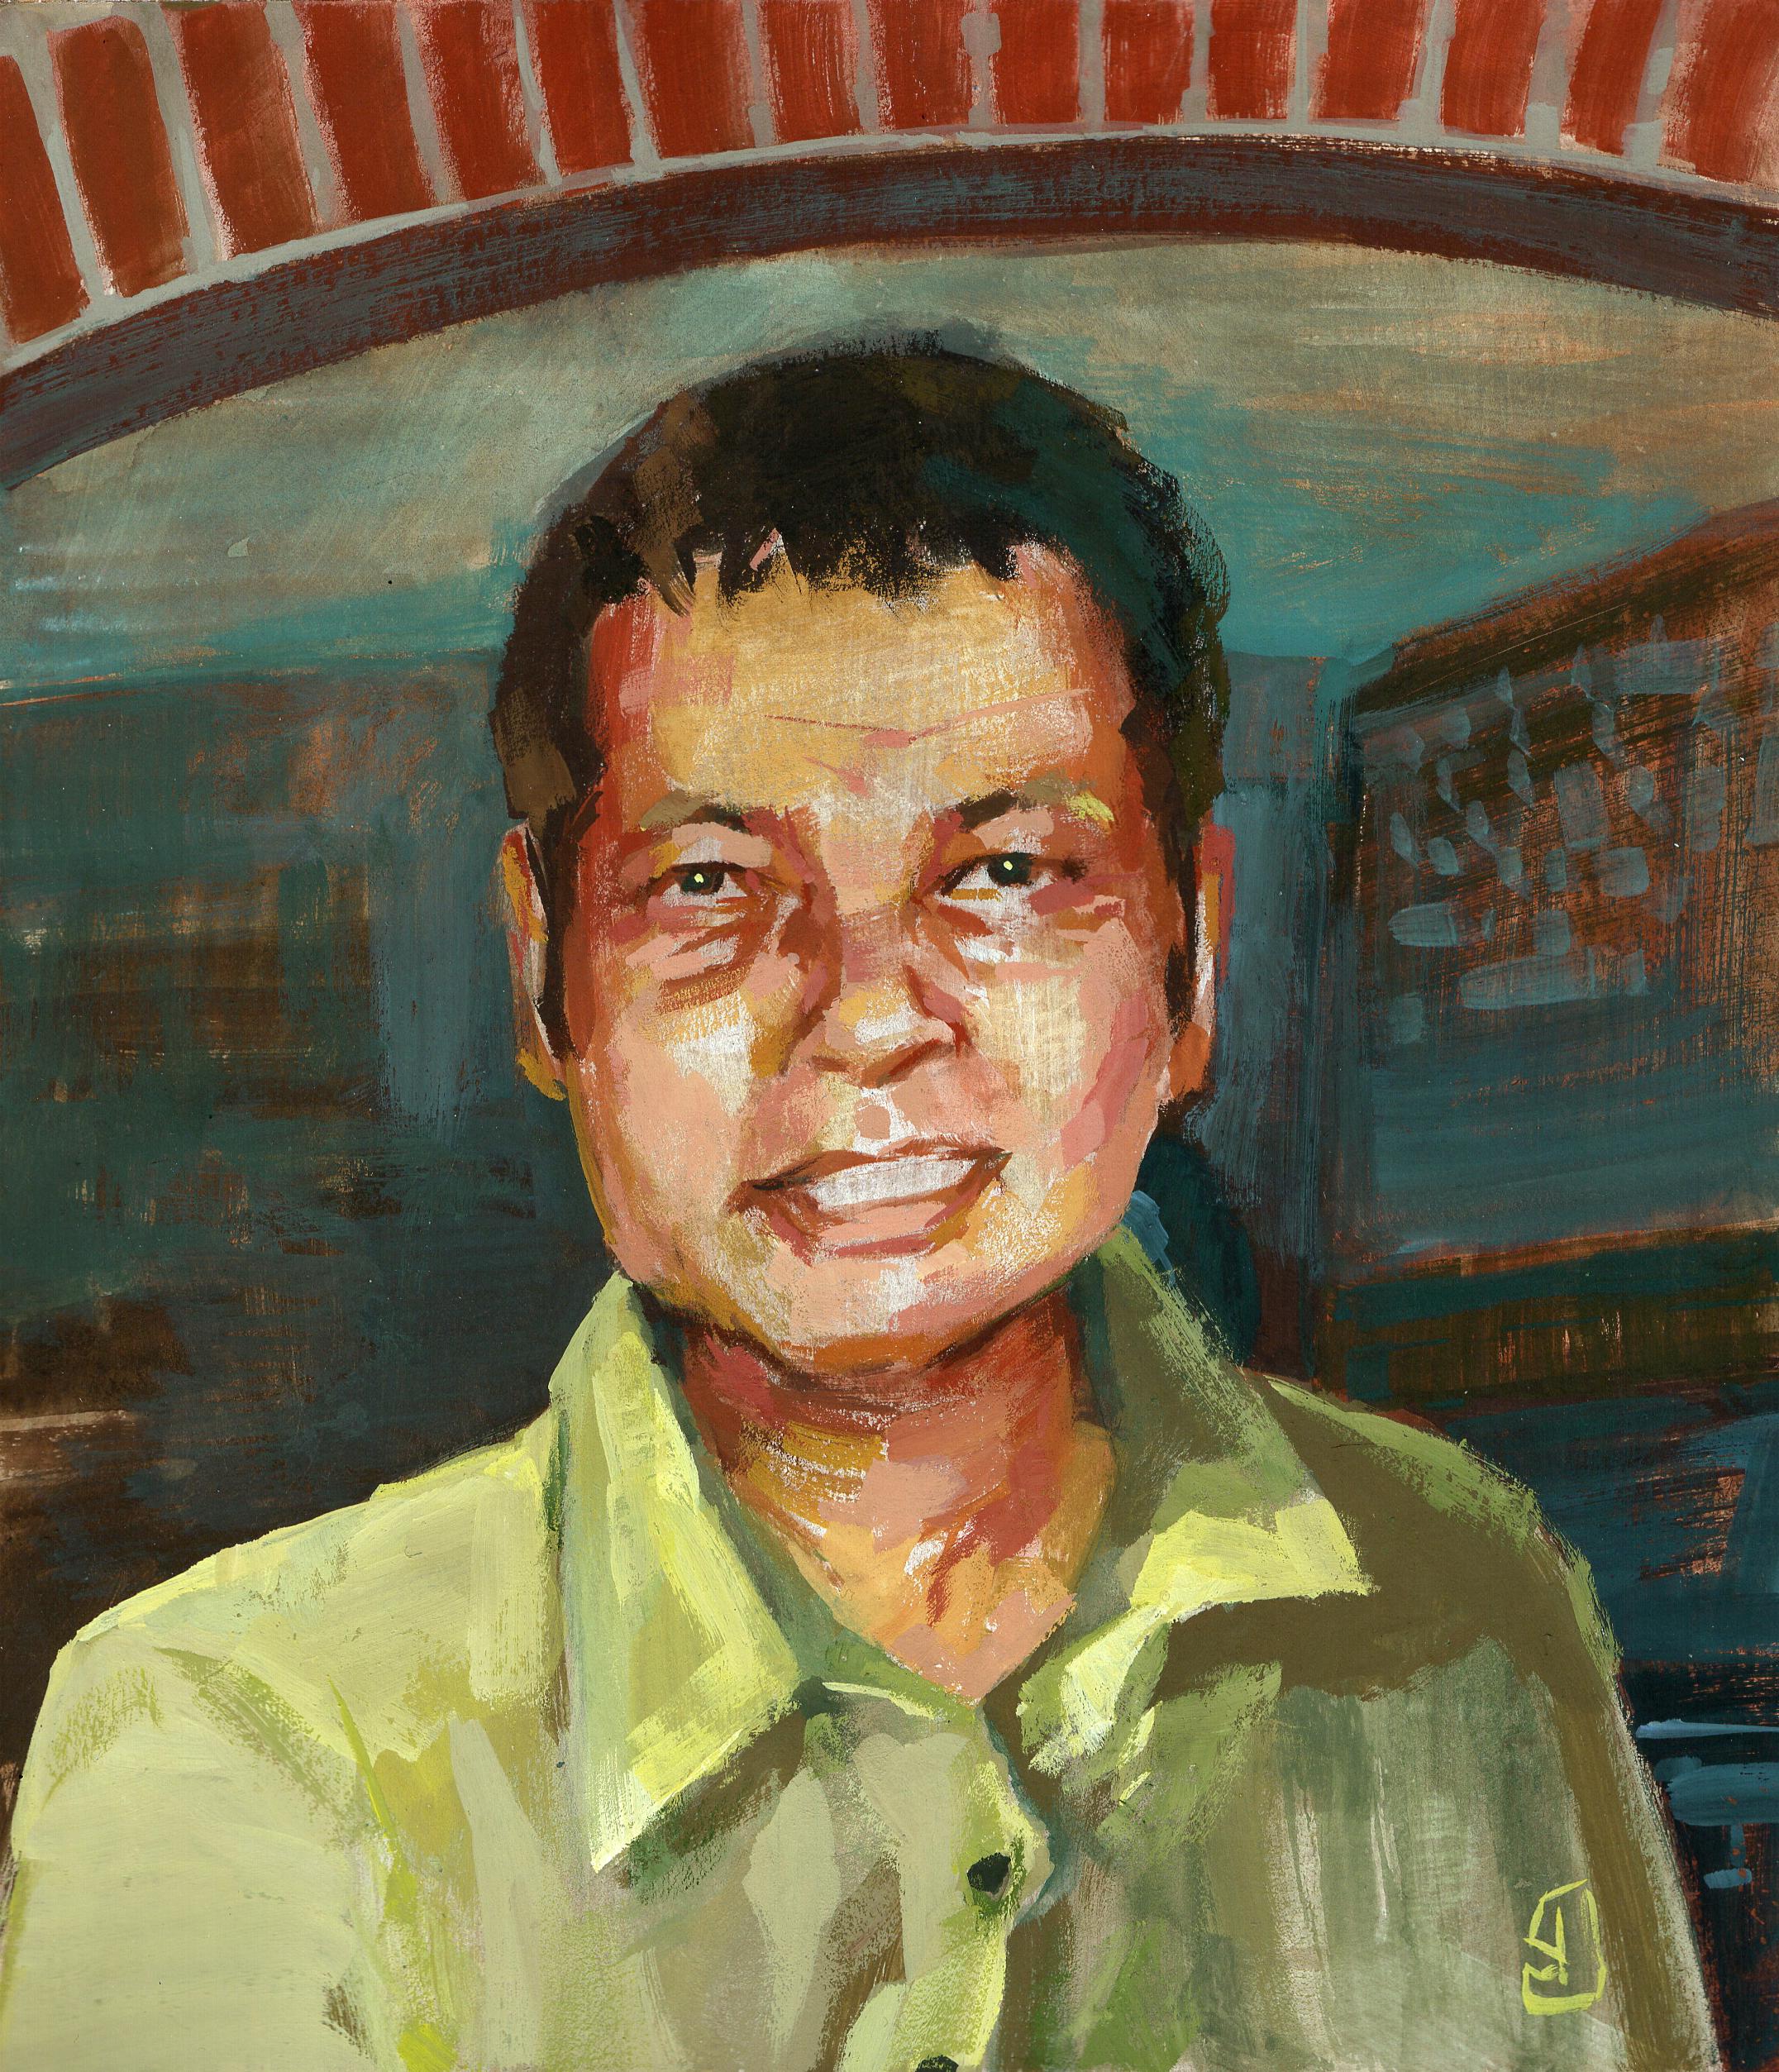 Fahrid Sarkir, venditore ambulante Bangla, nonché uno dei nostri trasteverini illustrato da Giuseppe Maggiore